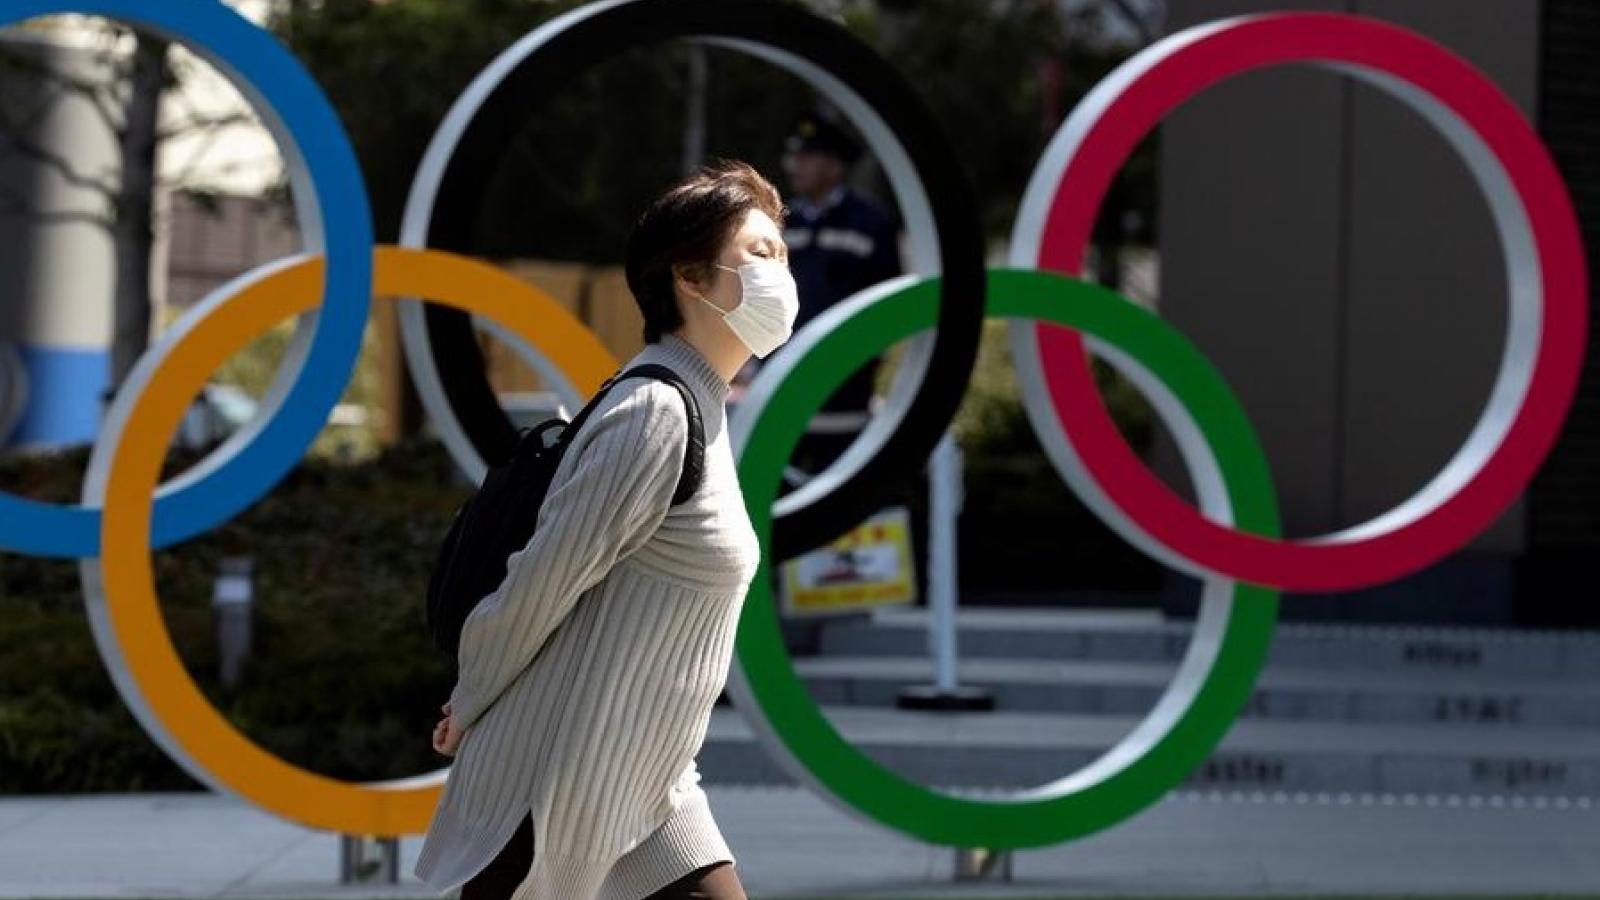 Các nước G7 ủng hộ Nhật Bản tổ chức Olympic giữa đại dịch Covid-19